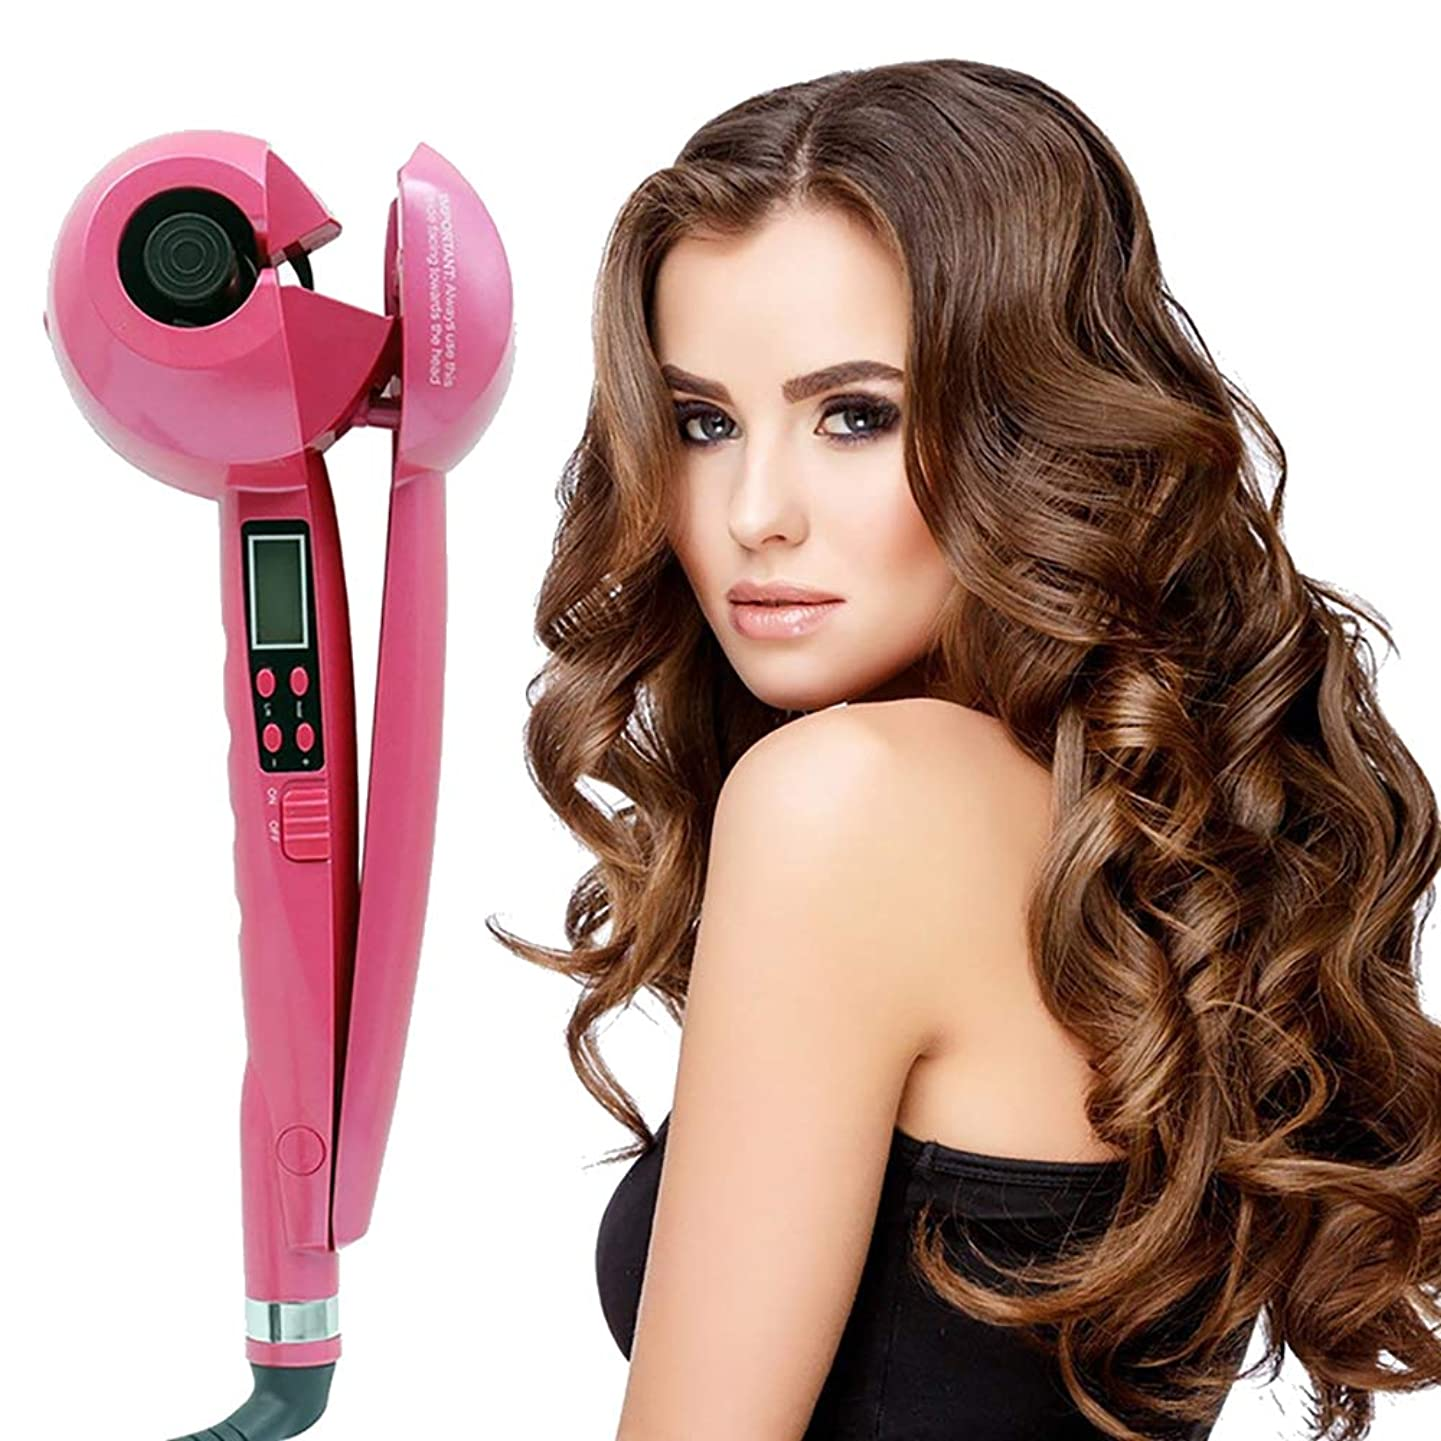 ピジン近く出席する職業マイナスイオンヘアカーラー、液晶全自動セラミックス理髪ツール、マルチスタイラーロングショートウェットドライヘア用髪にダメージなし